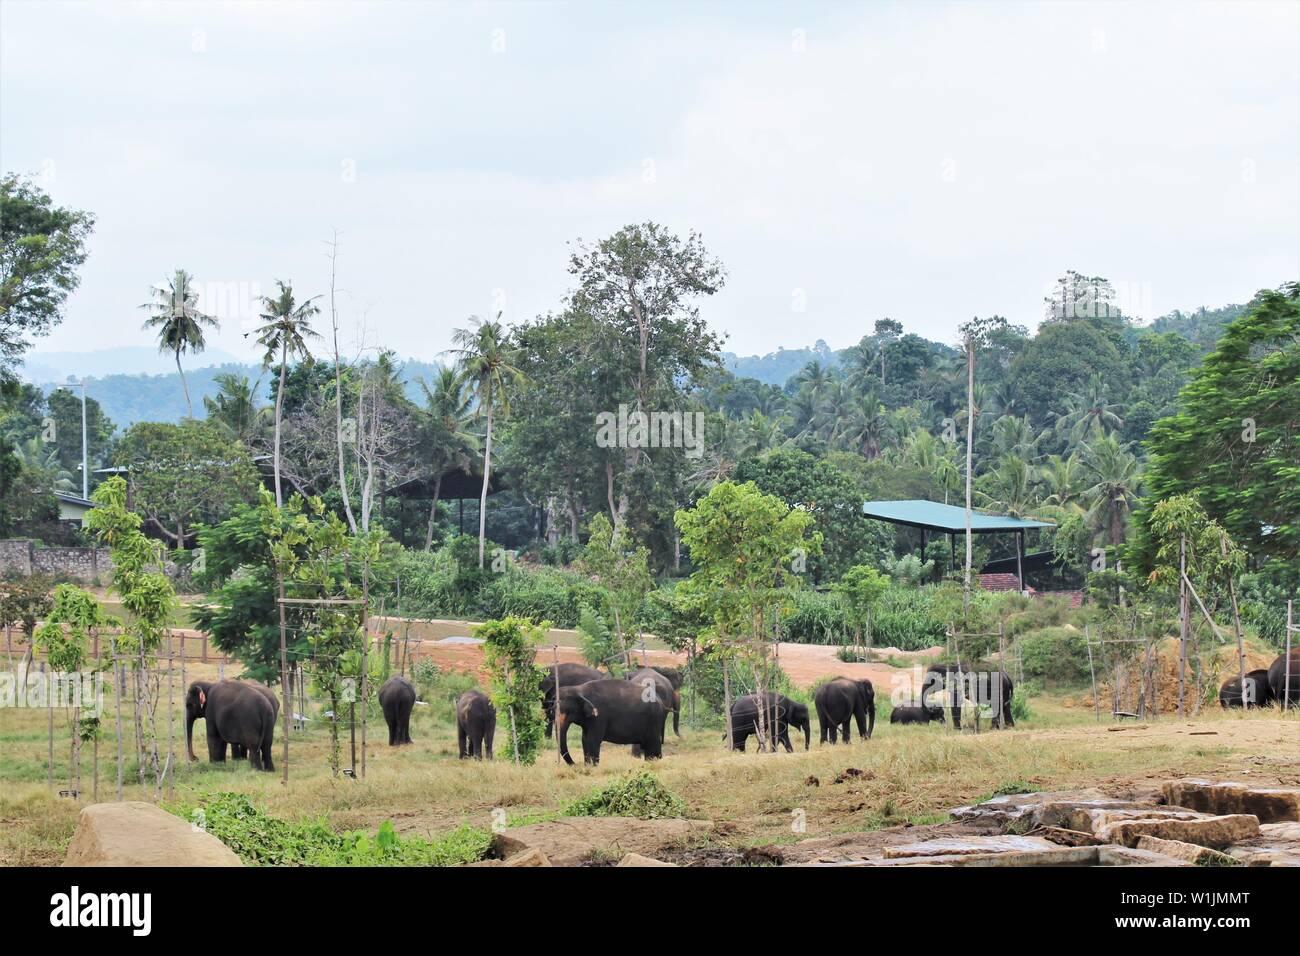 Elephants in green park in Srilanka Stock Photo